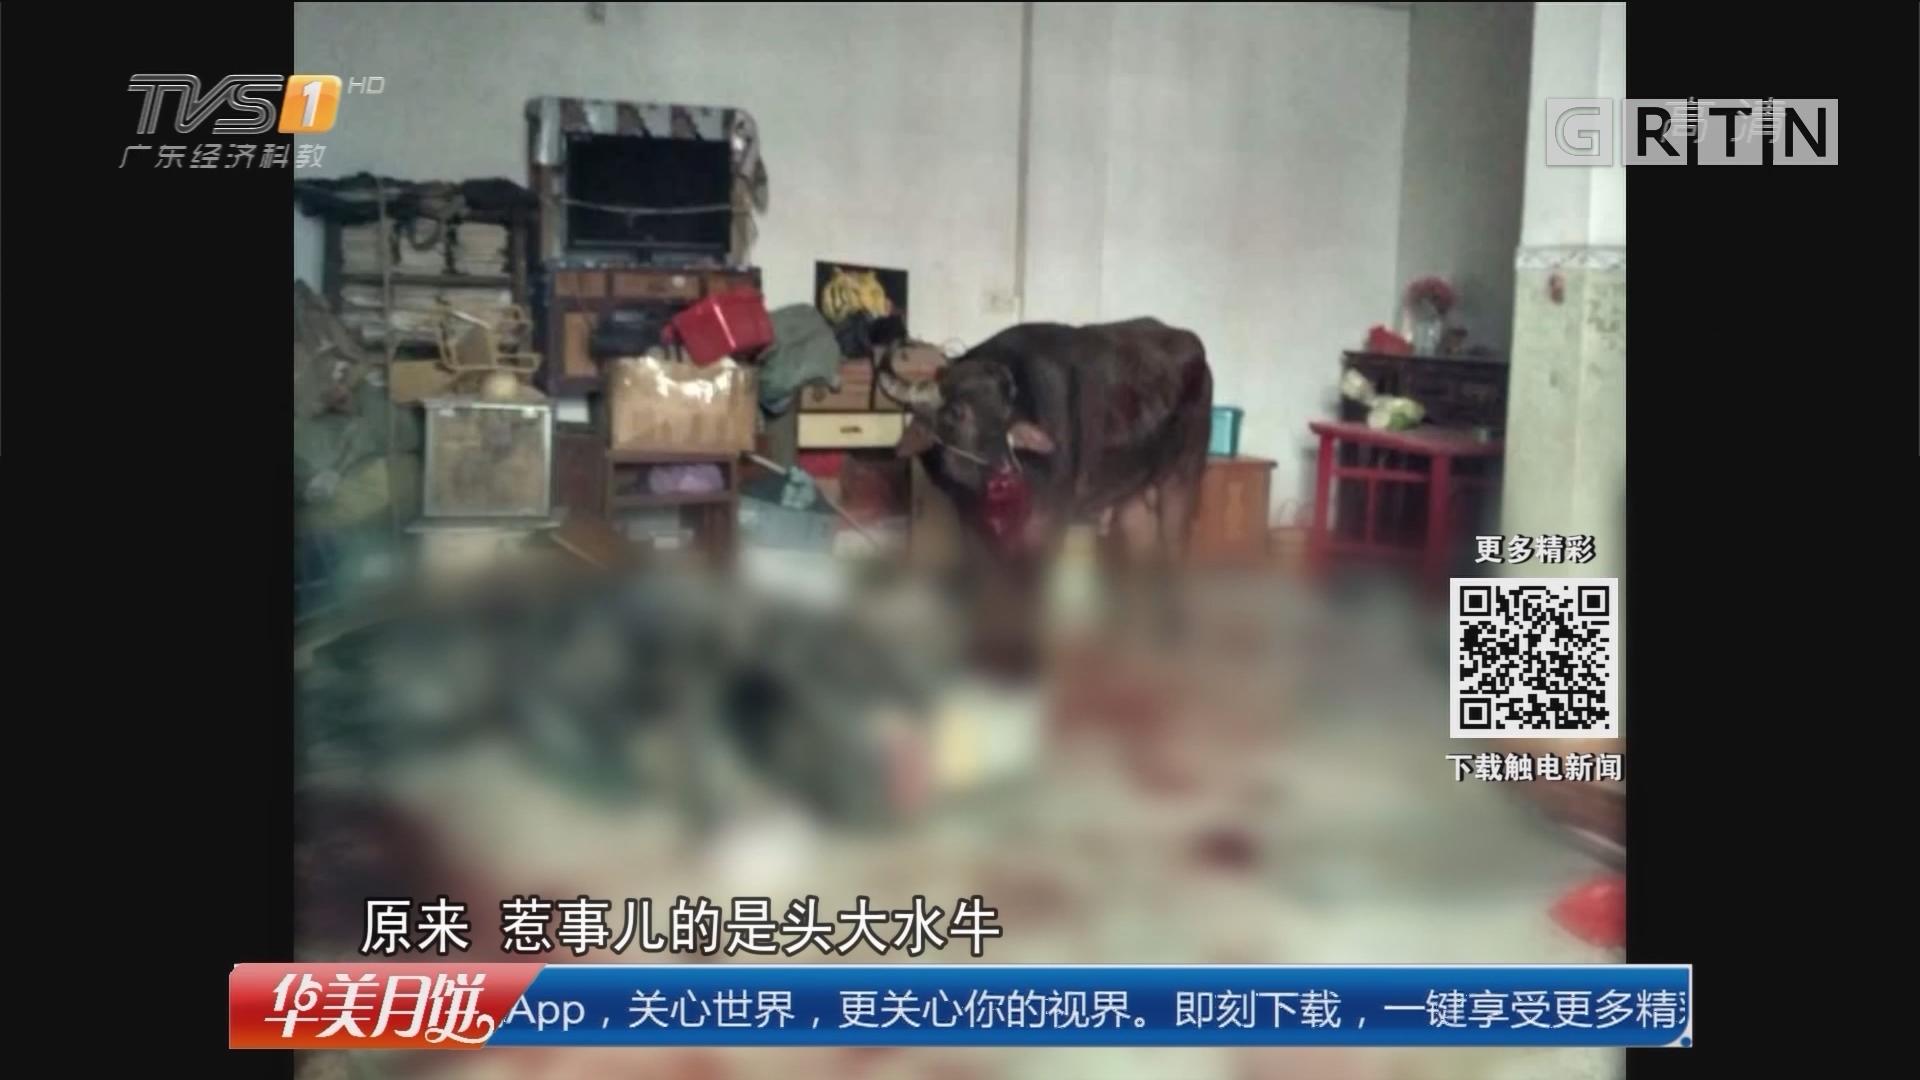 汕头潮南区:大水牛闯民宅伤人 特警鸣枪处置